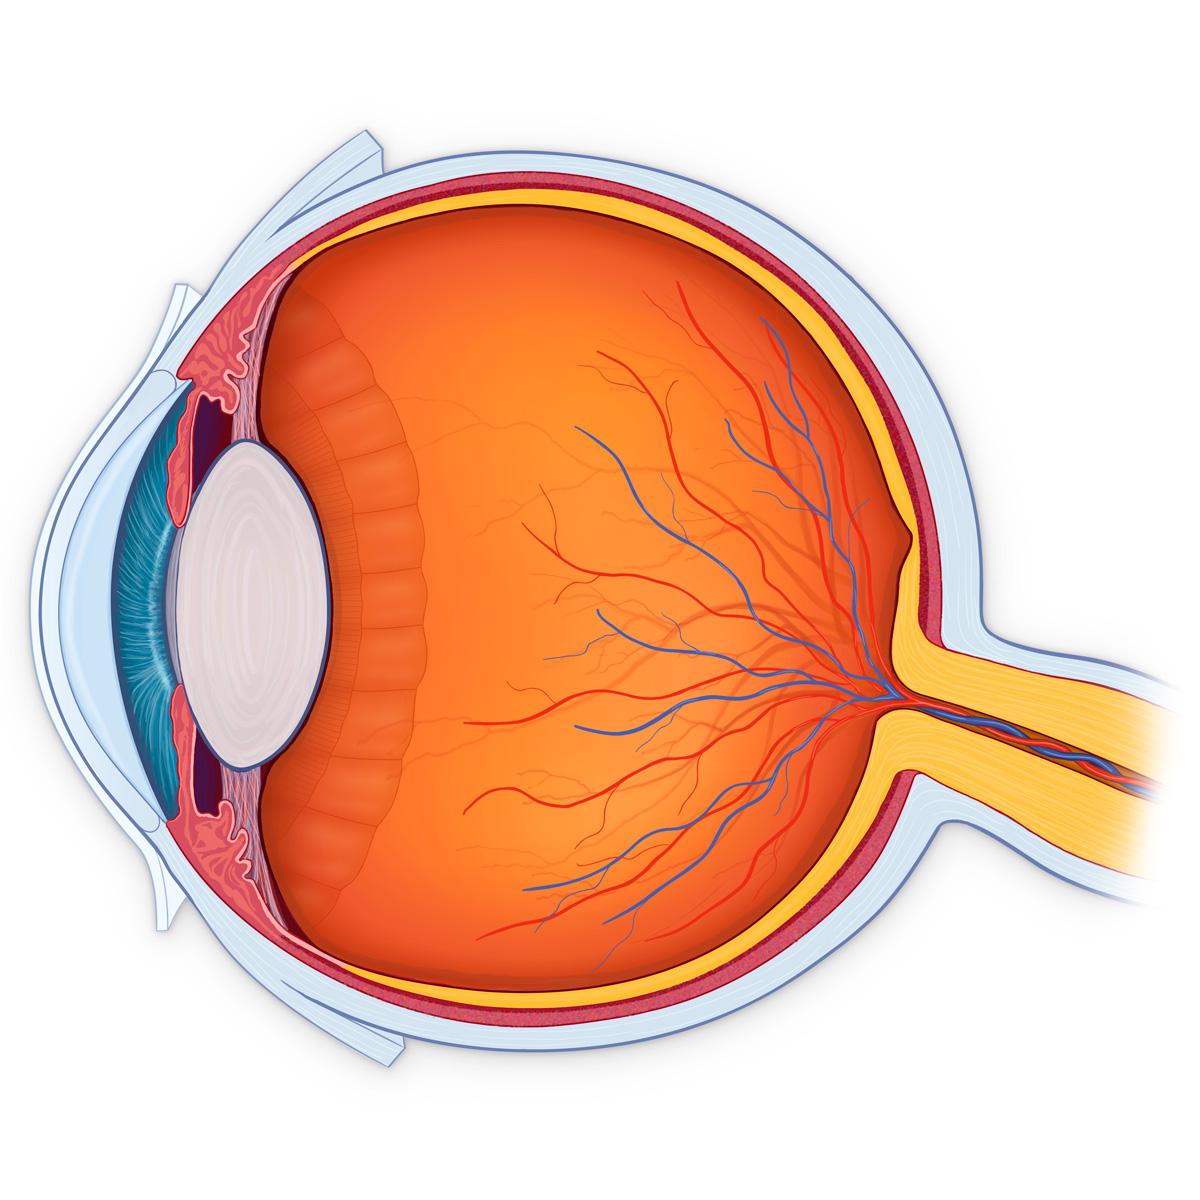 hight resolution of inner eye diagram label